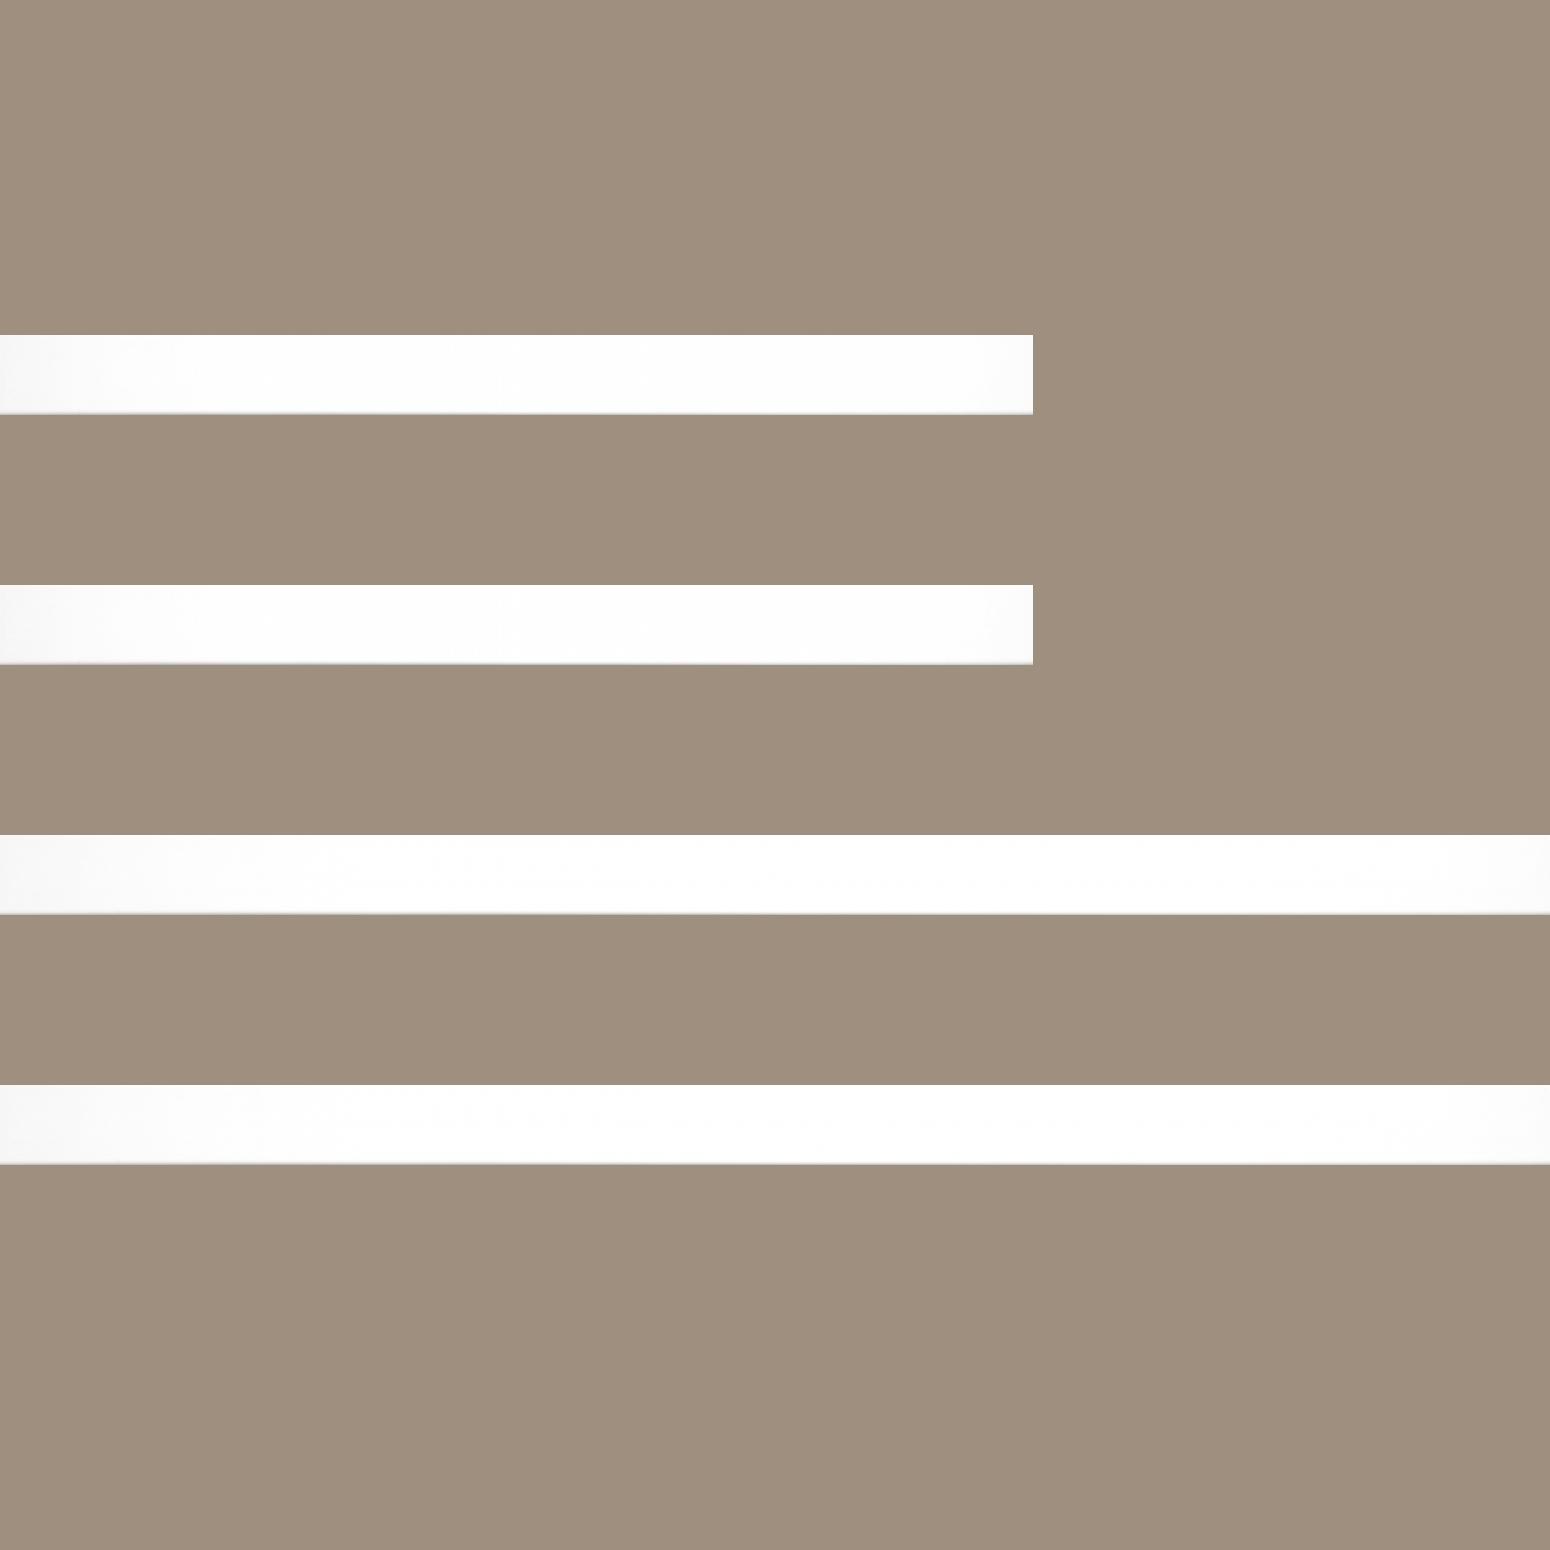 Baguette bois profil plat largeur 2.5cm couleur blanc mat